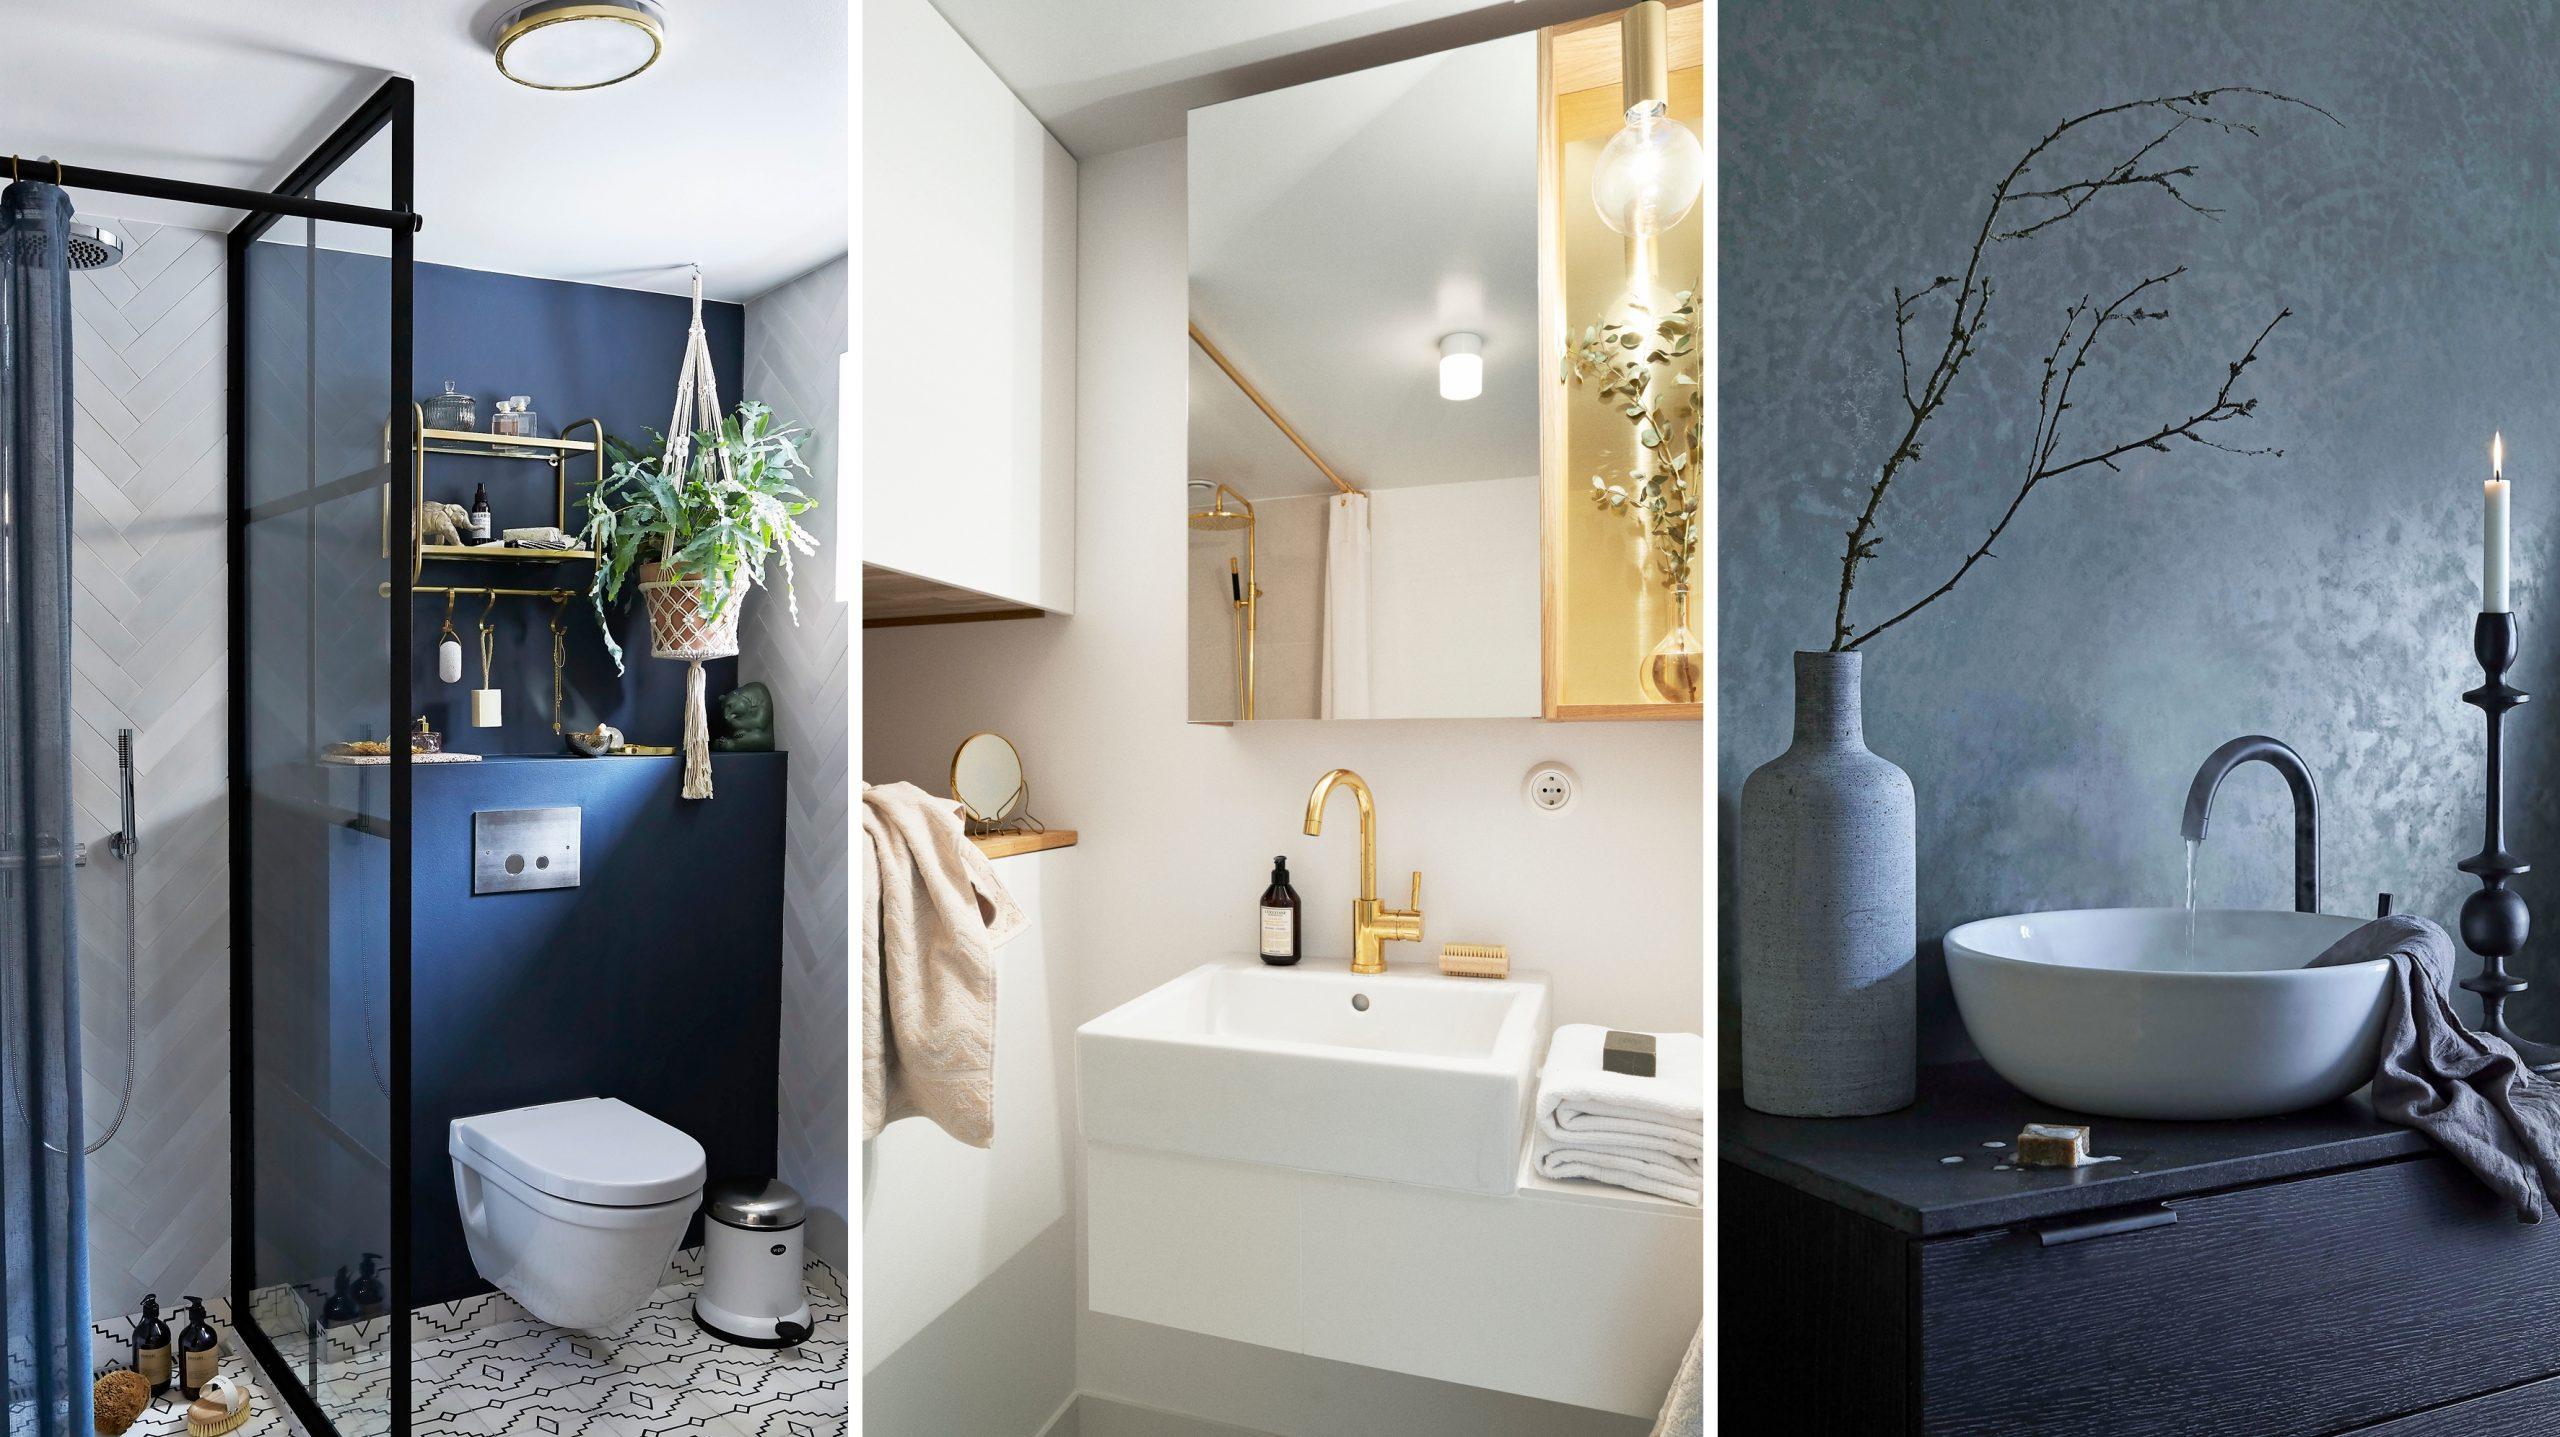 Fina idéer för att dekorera ett badrum